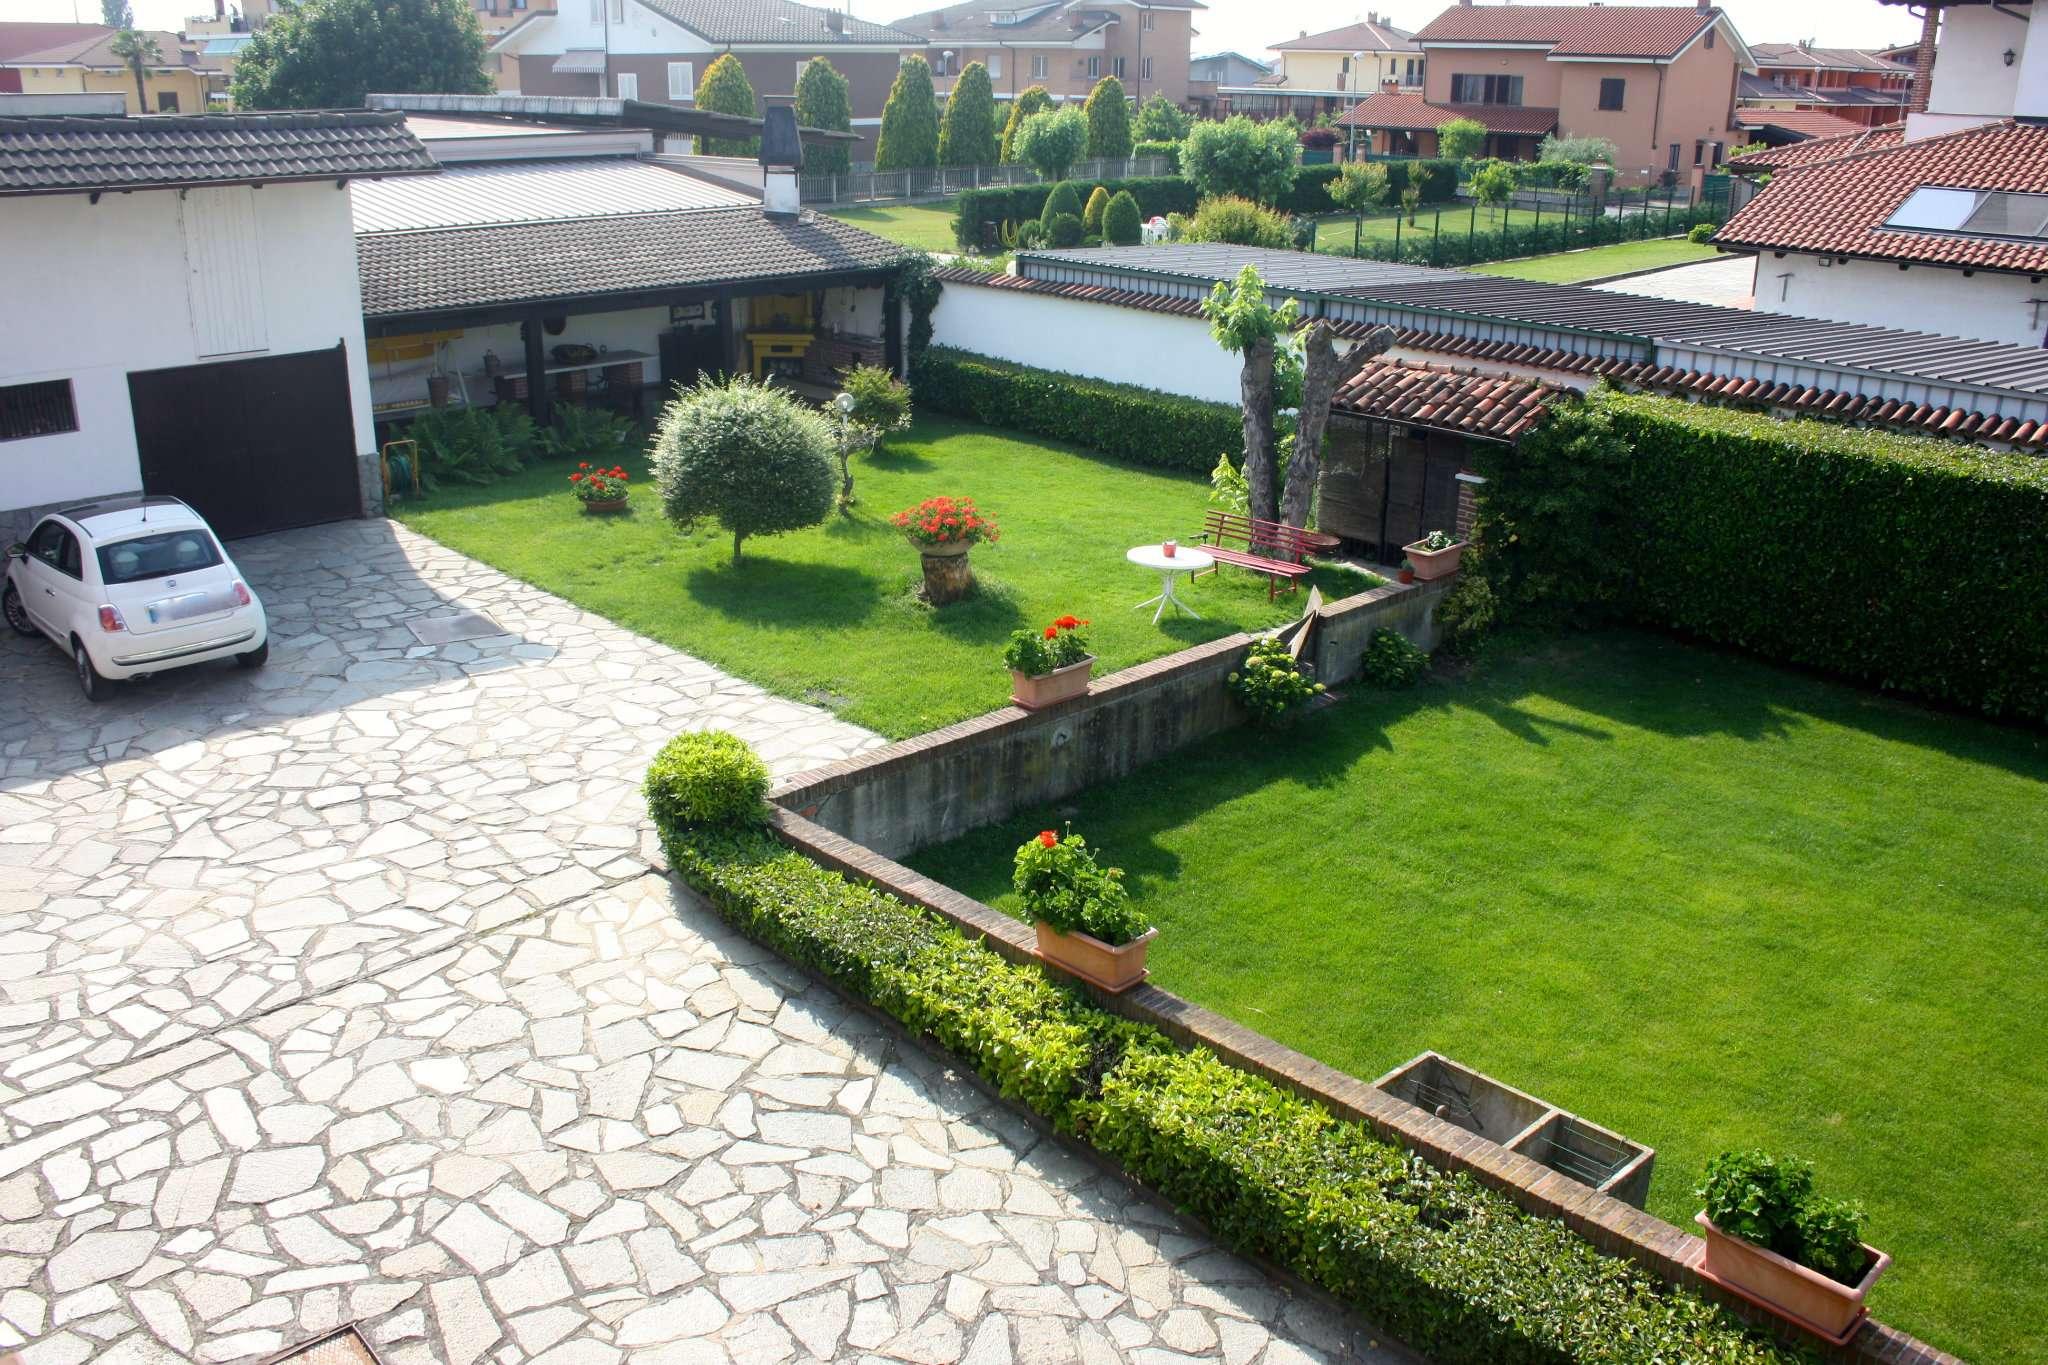 Soluzione Indipendente in vendita a Cherasco, 7 locali, prezzo € 280.000 | CambioCasa.it